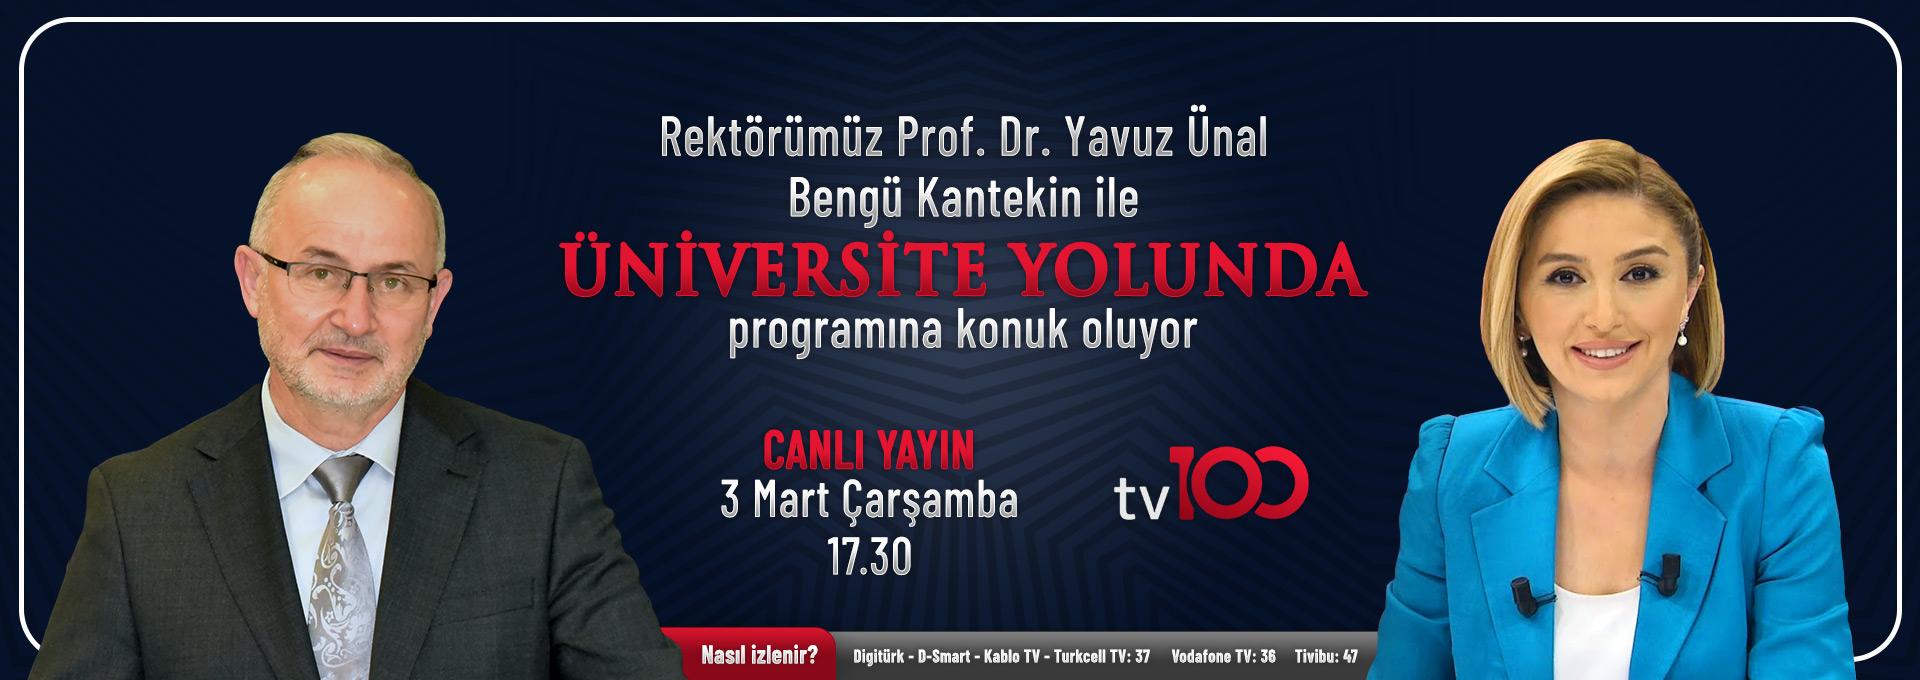 """Rektör Ünal, Tv100'de Yayınlanan """"Üniversite Yolunda"""" Programına Konuk Olacak"""